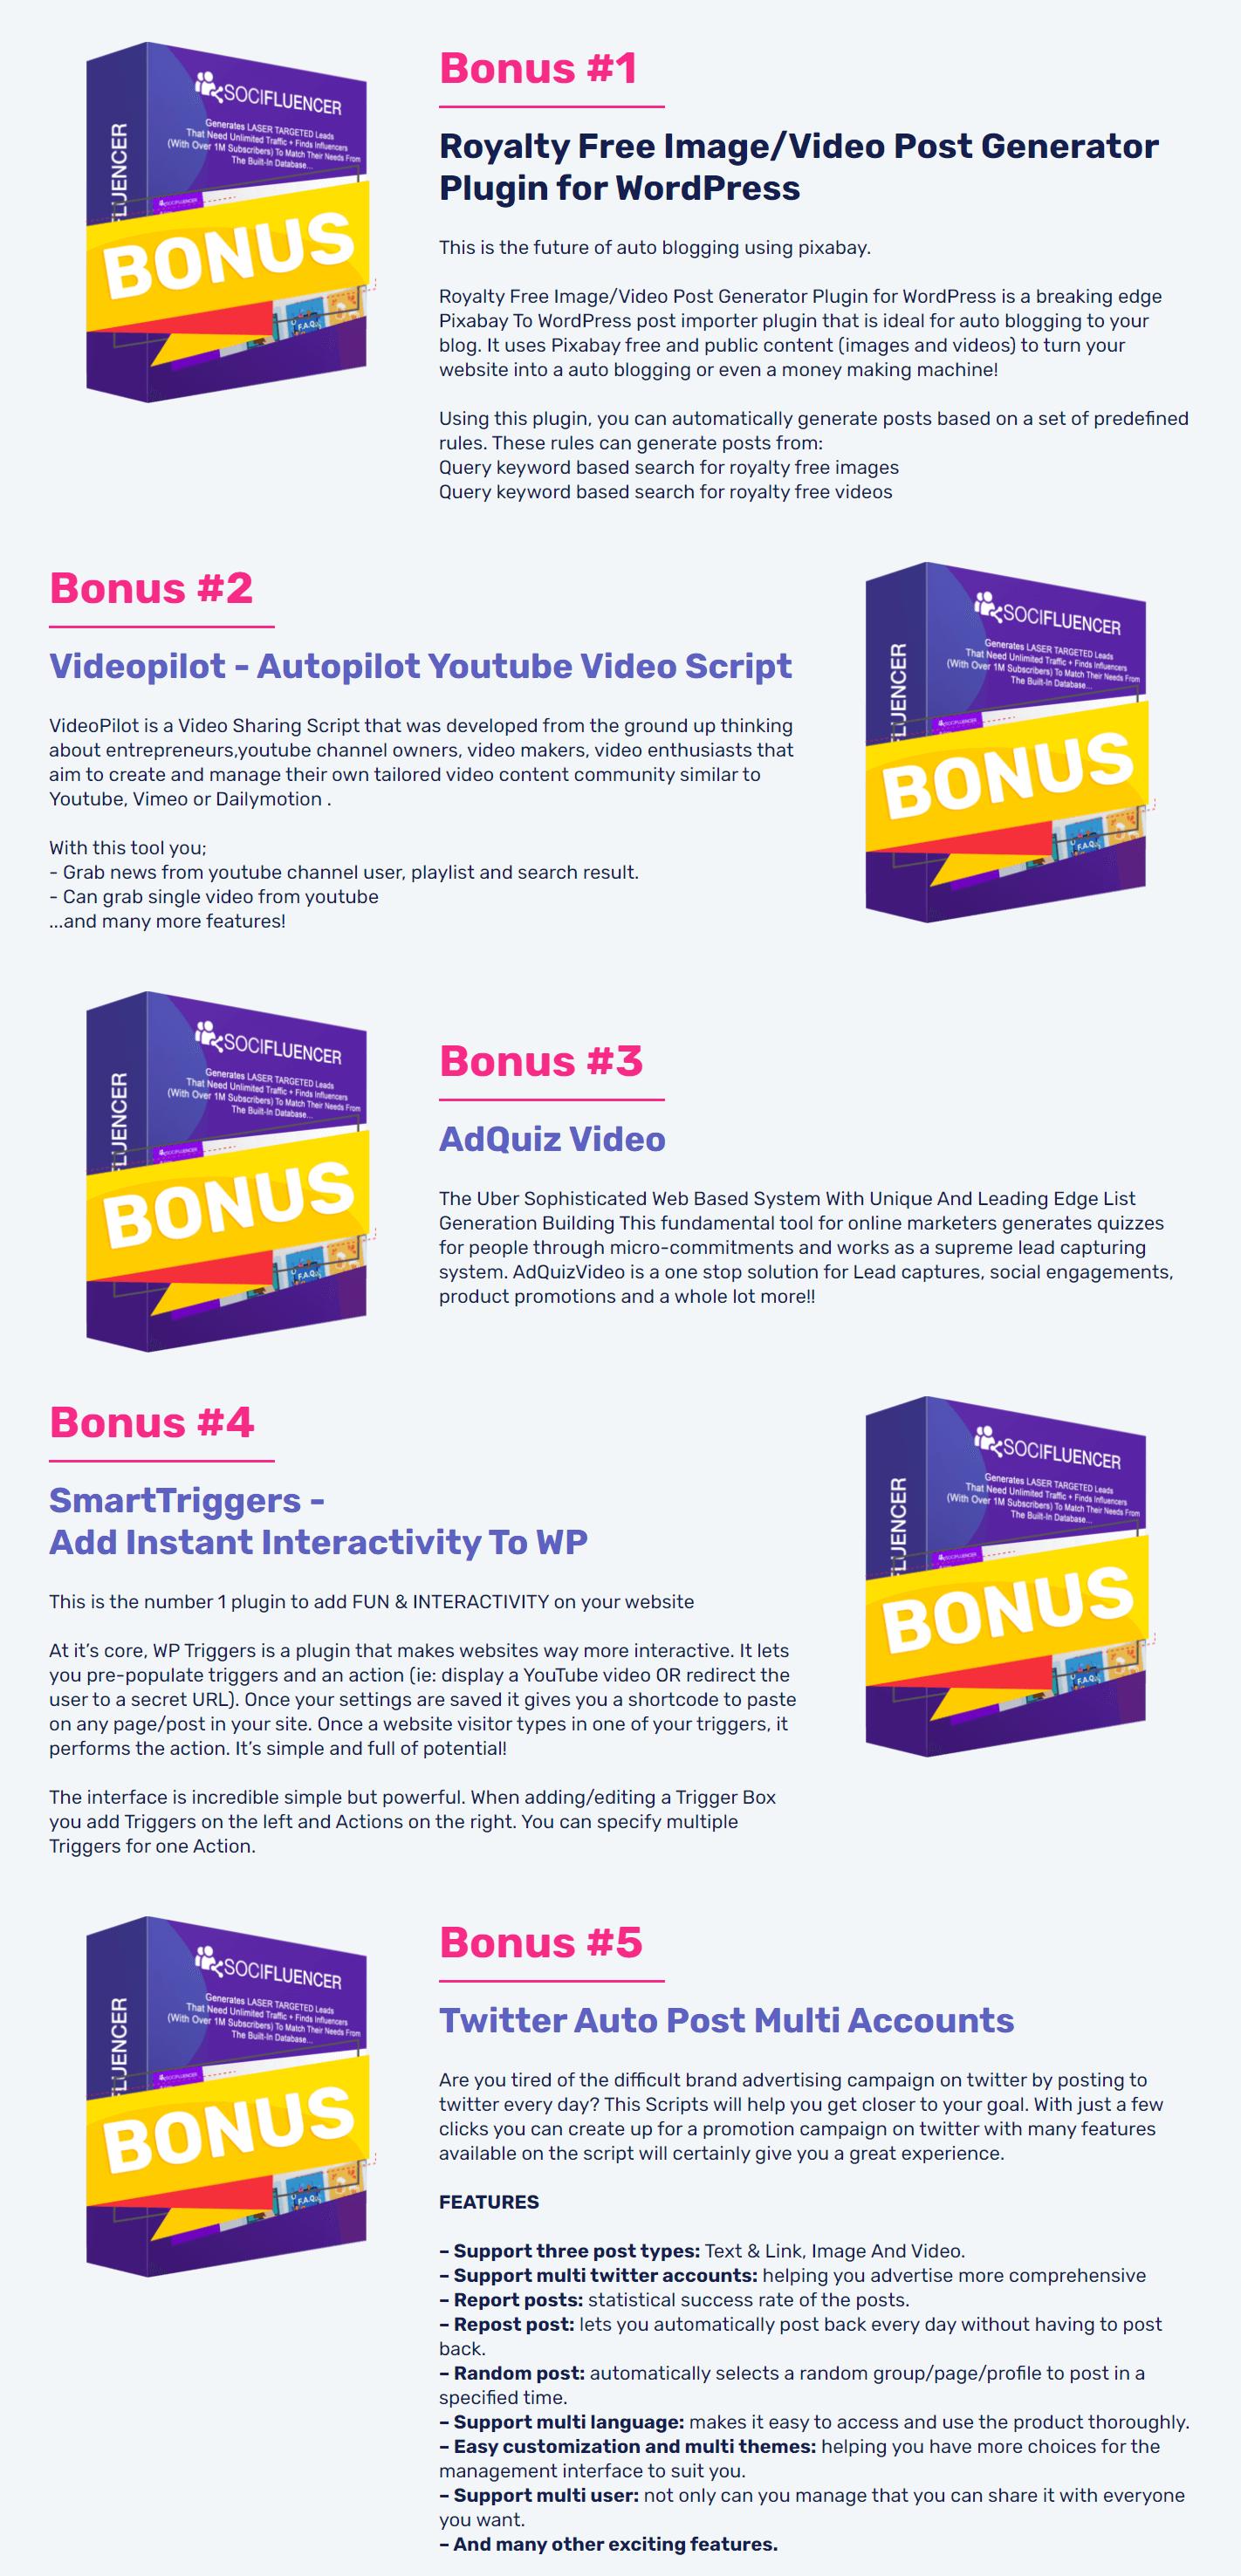 SociFluencer-Agency-OTO-1-bonuses